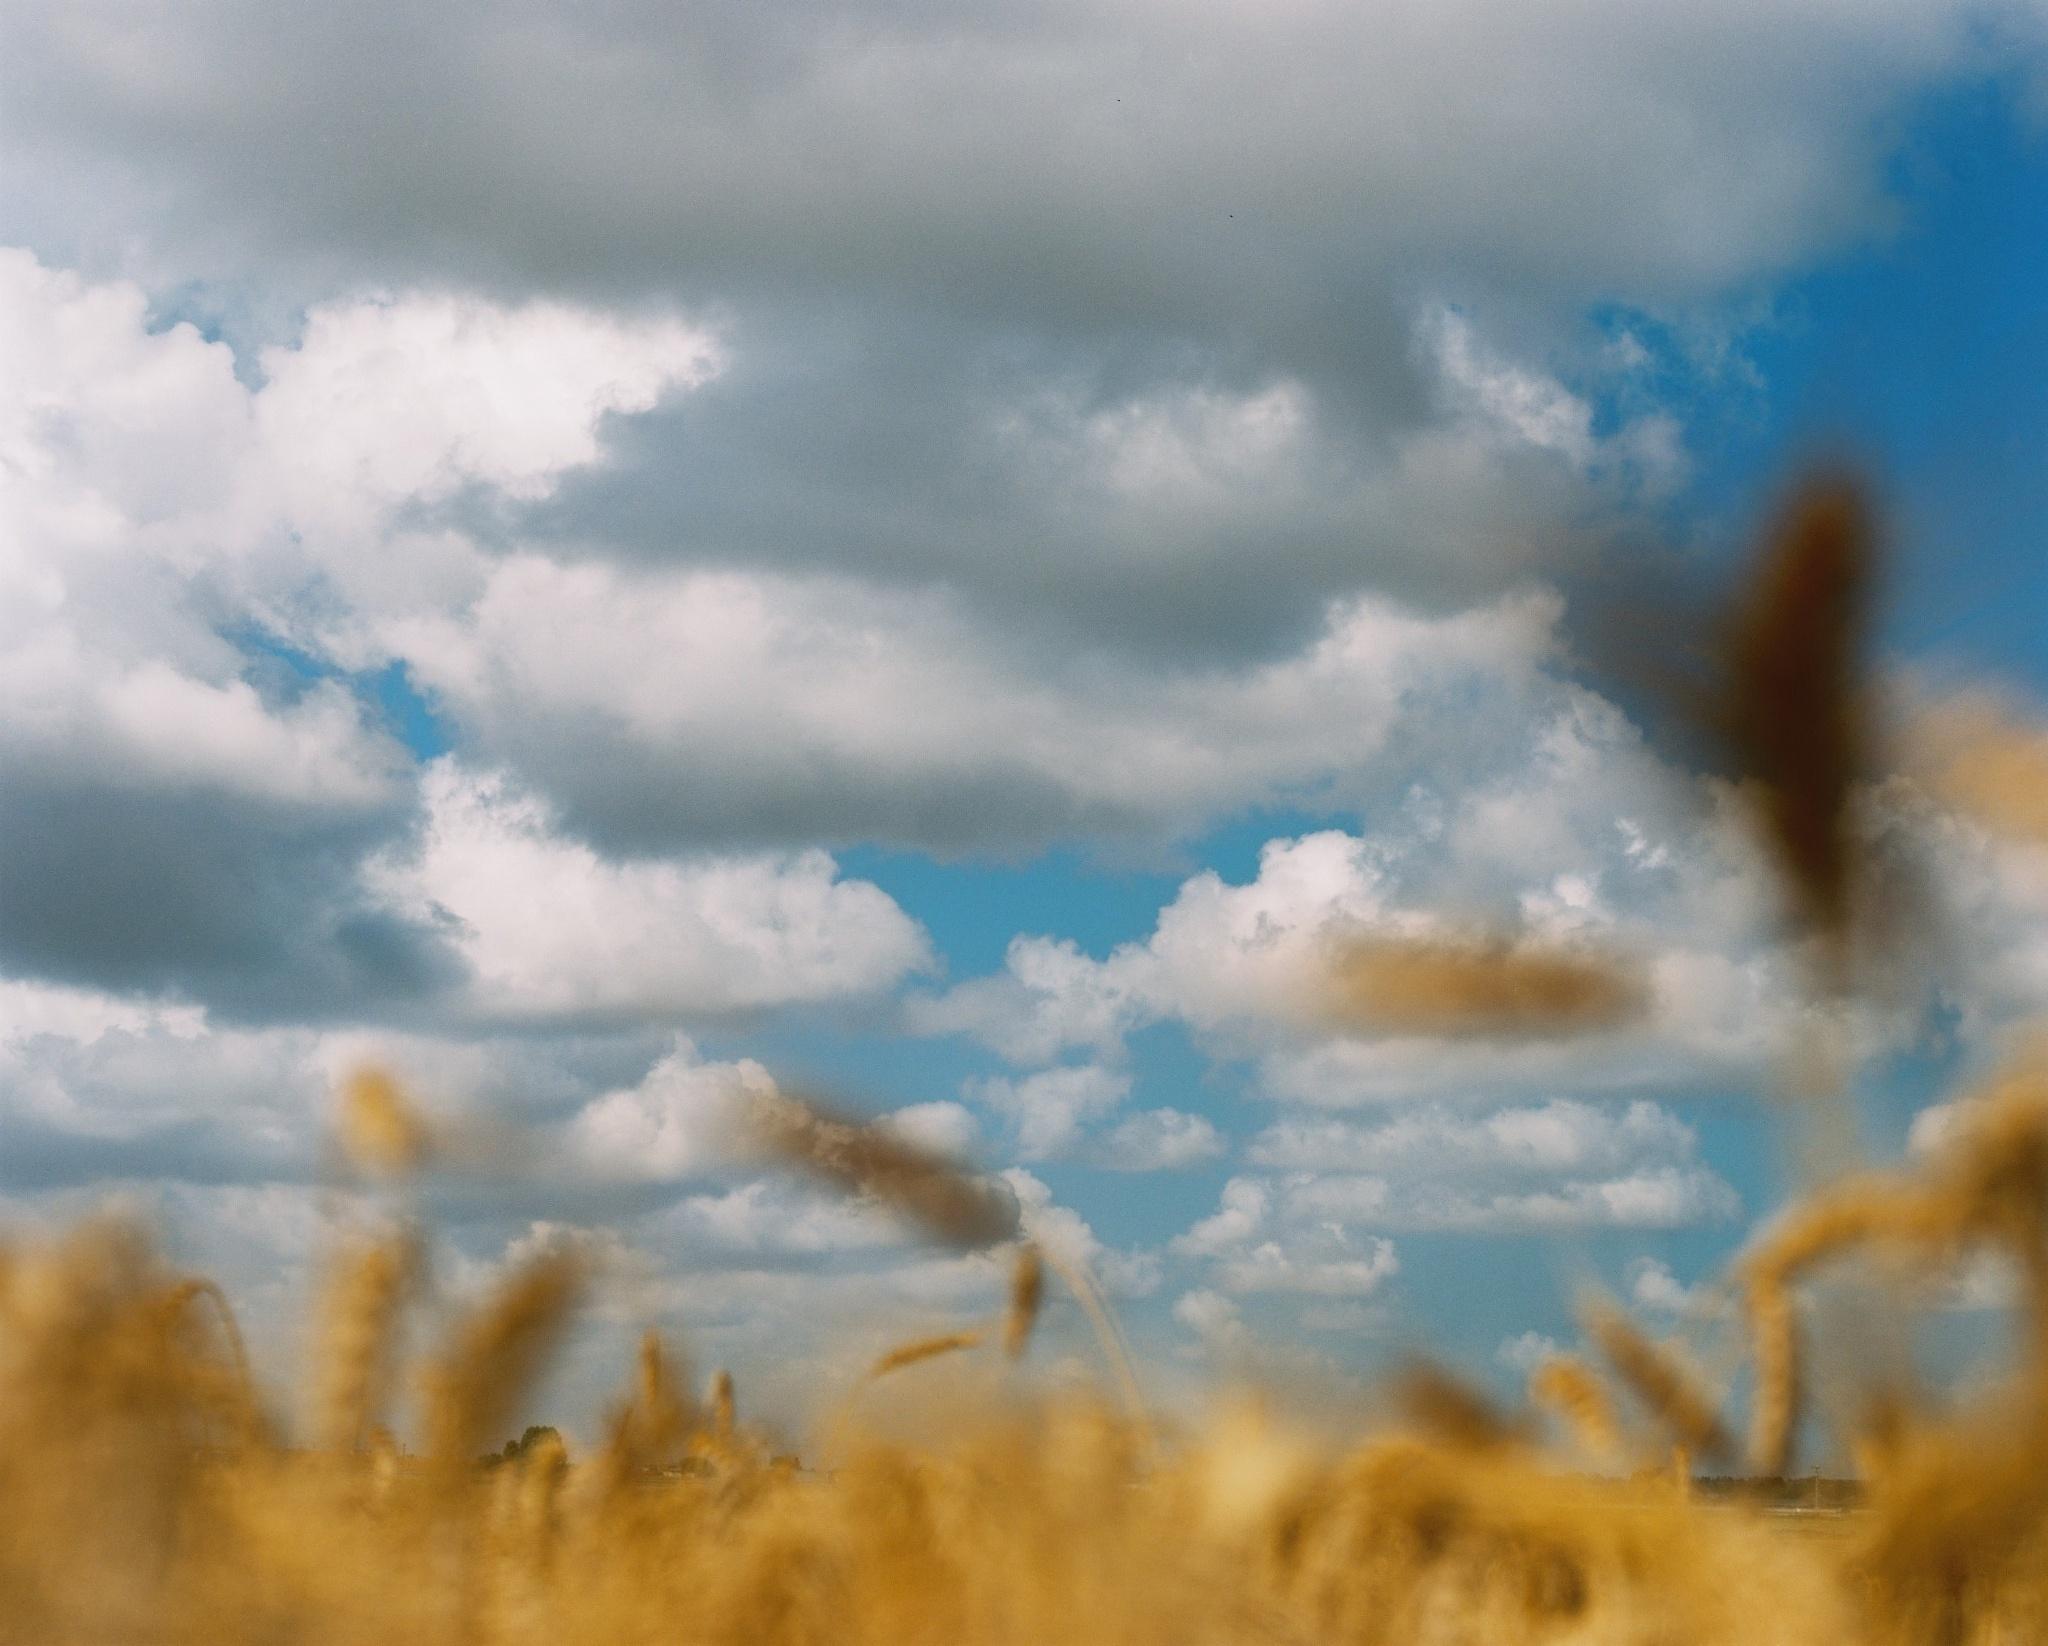 Clouds by Tomerneu